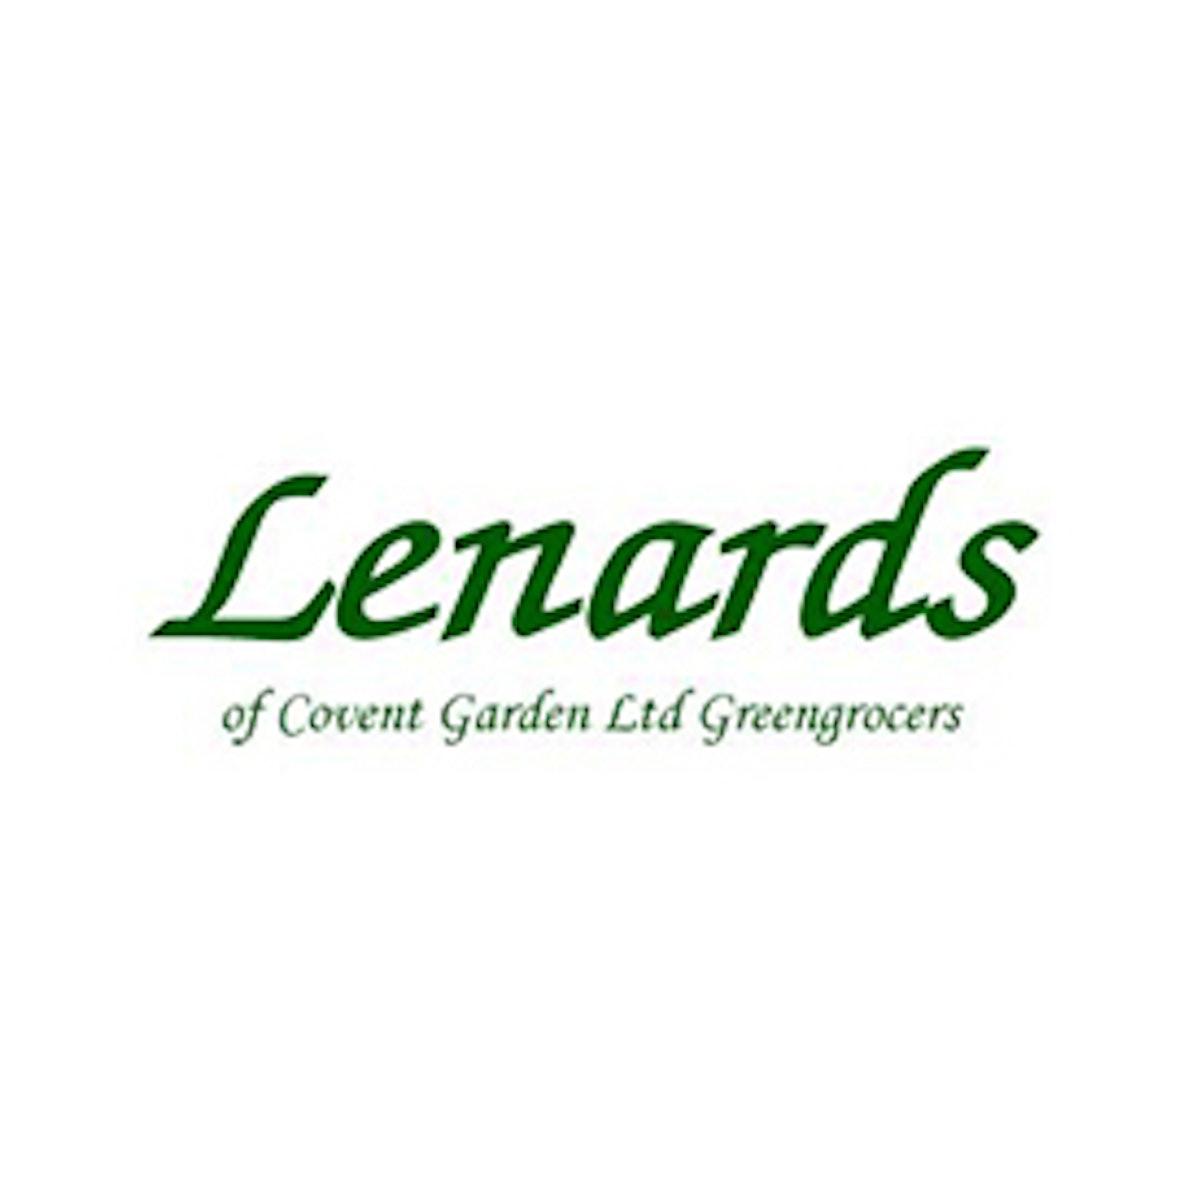 Lenards of Covent Garden